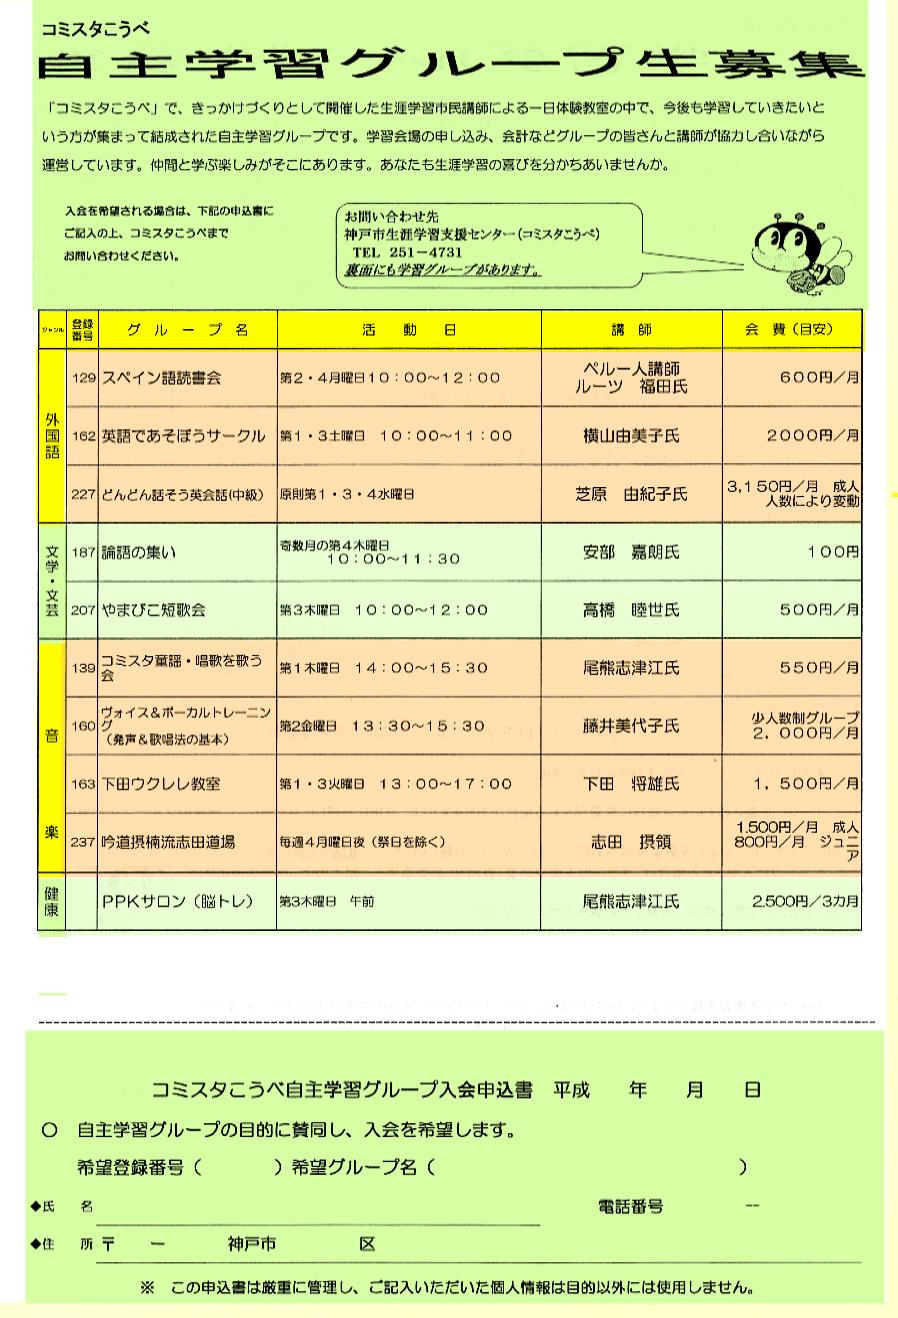 jisyu-h28-10-a.png